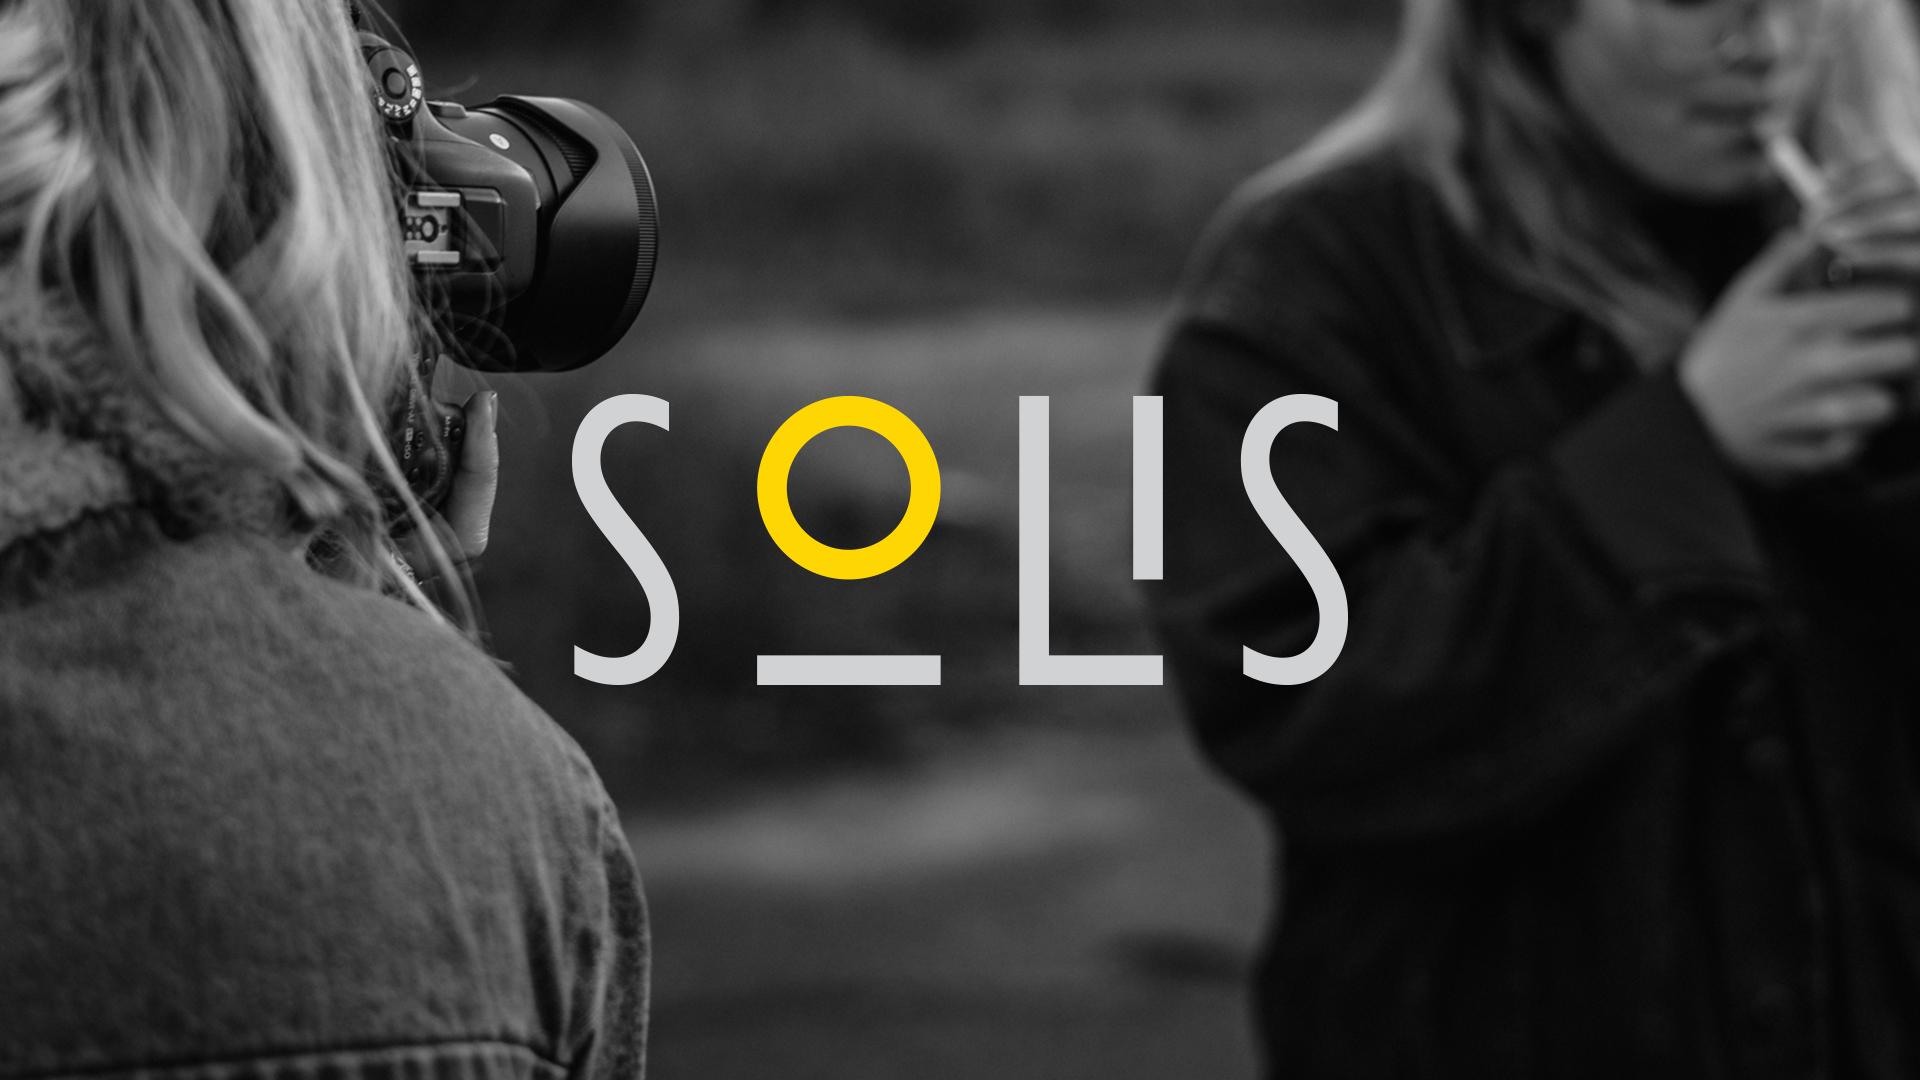 solis-eventpagecover.jpg